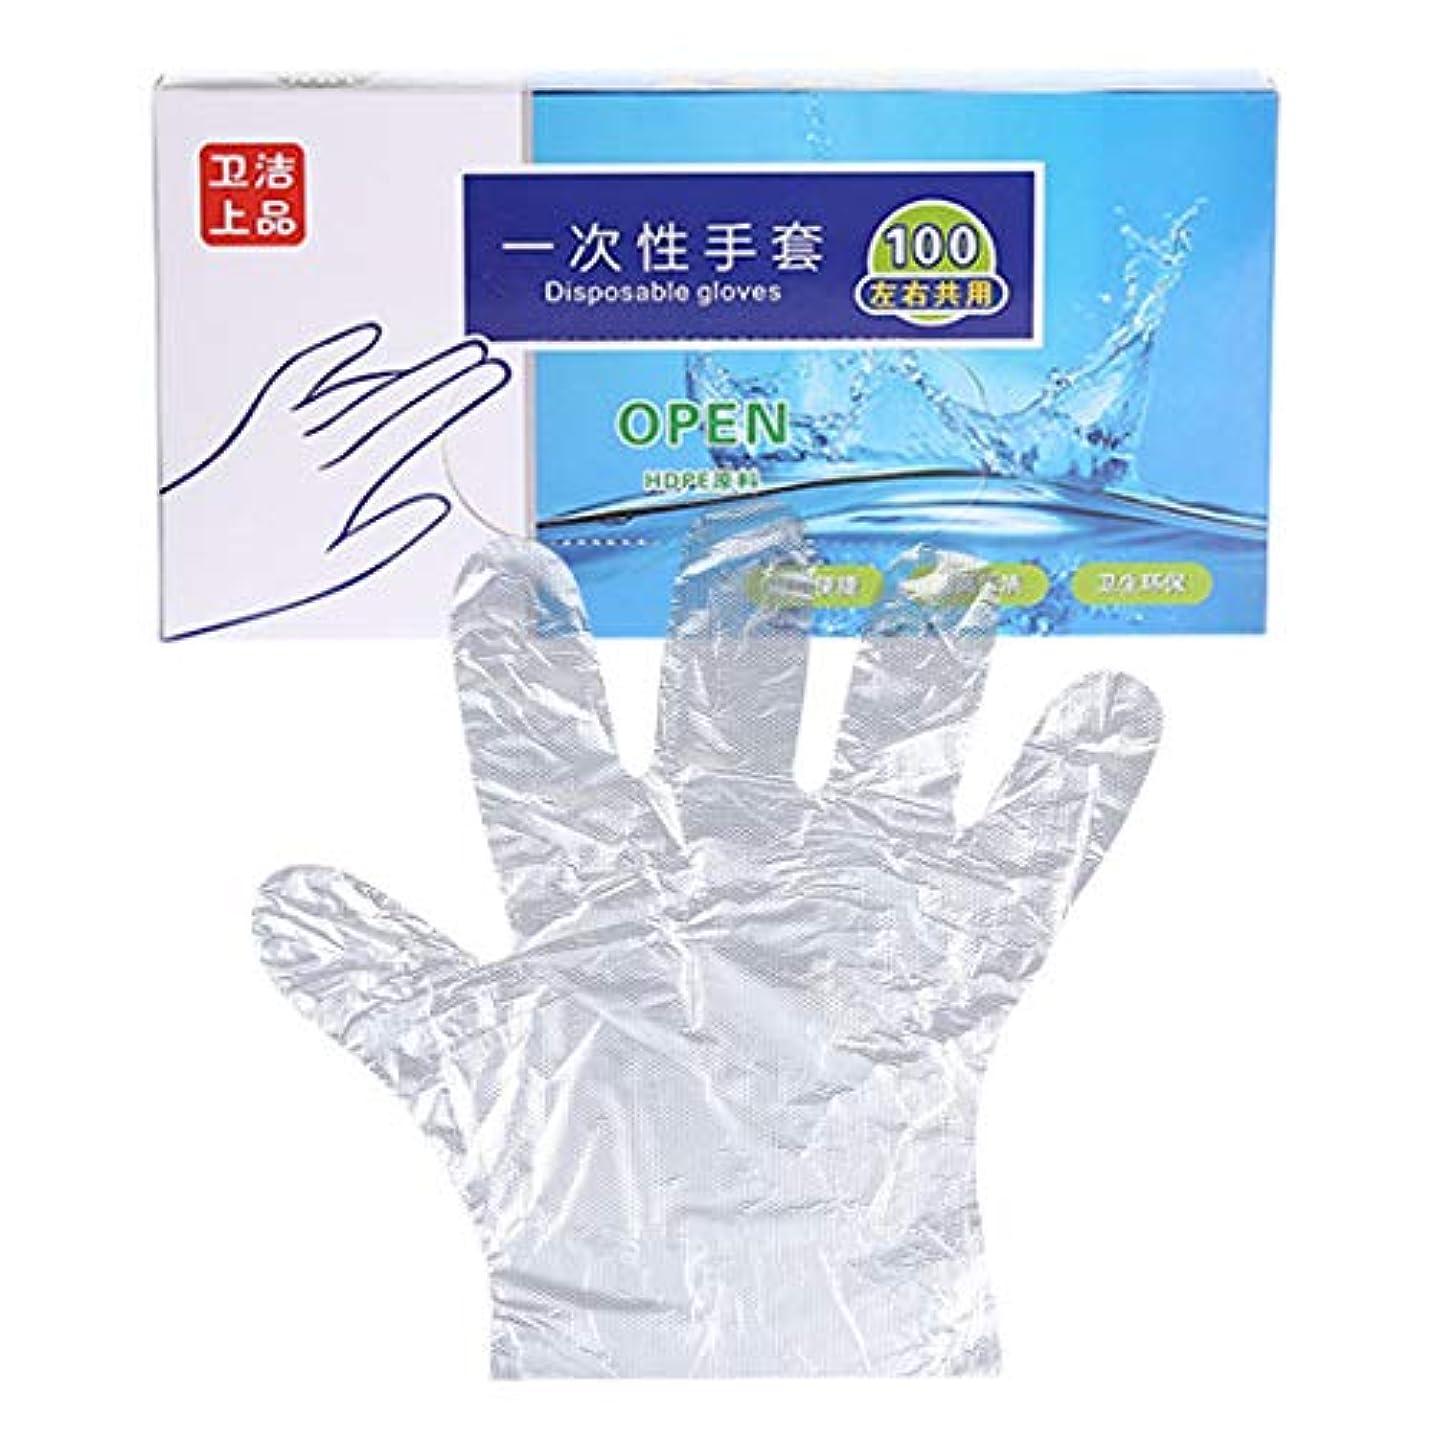 アシュリータファーマン子供っぽいクリスマスPinji 使い捨て手袋 100本入 透明 フリーサイズ グローブ ポリエチレン手袋 左右兼用 ポリエチレン PE 実用 衛生 調理 清掃 染髪